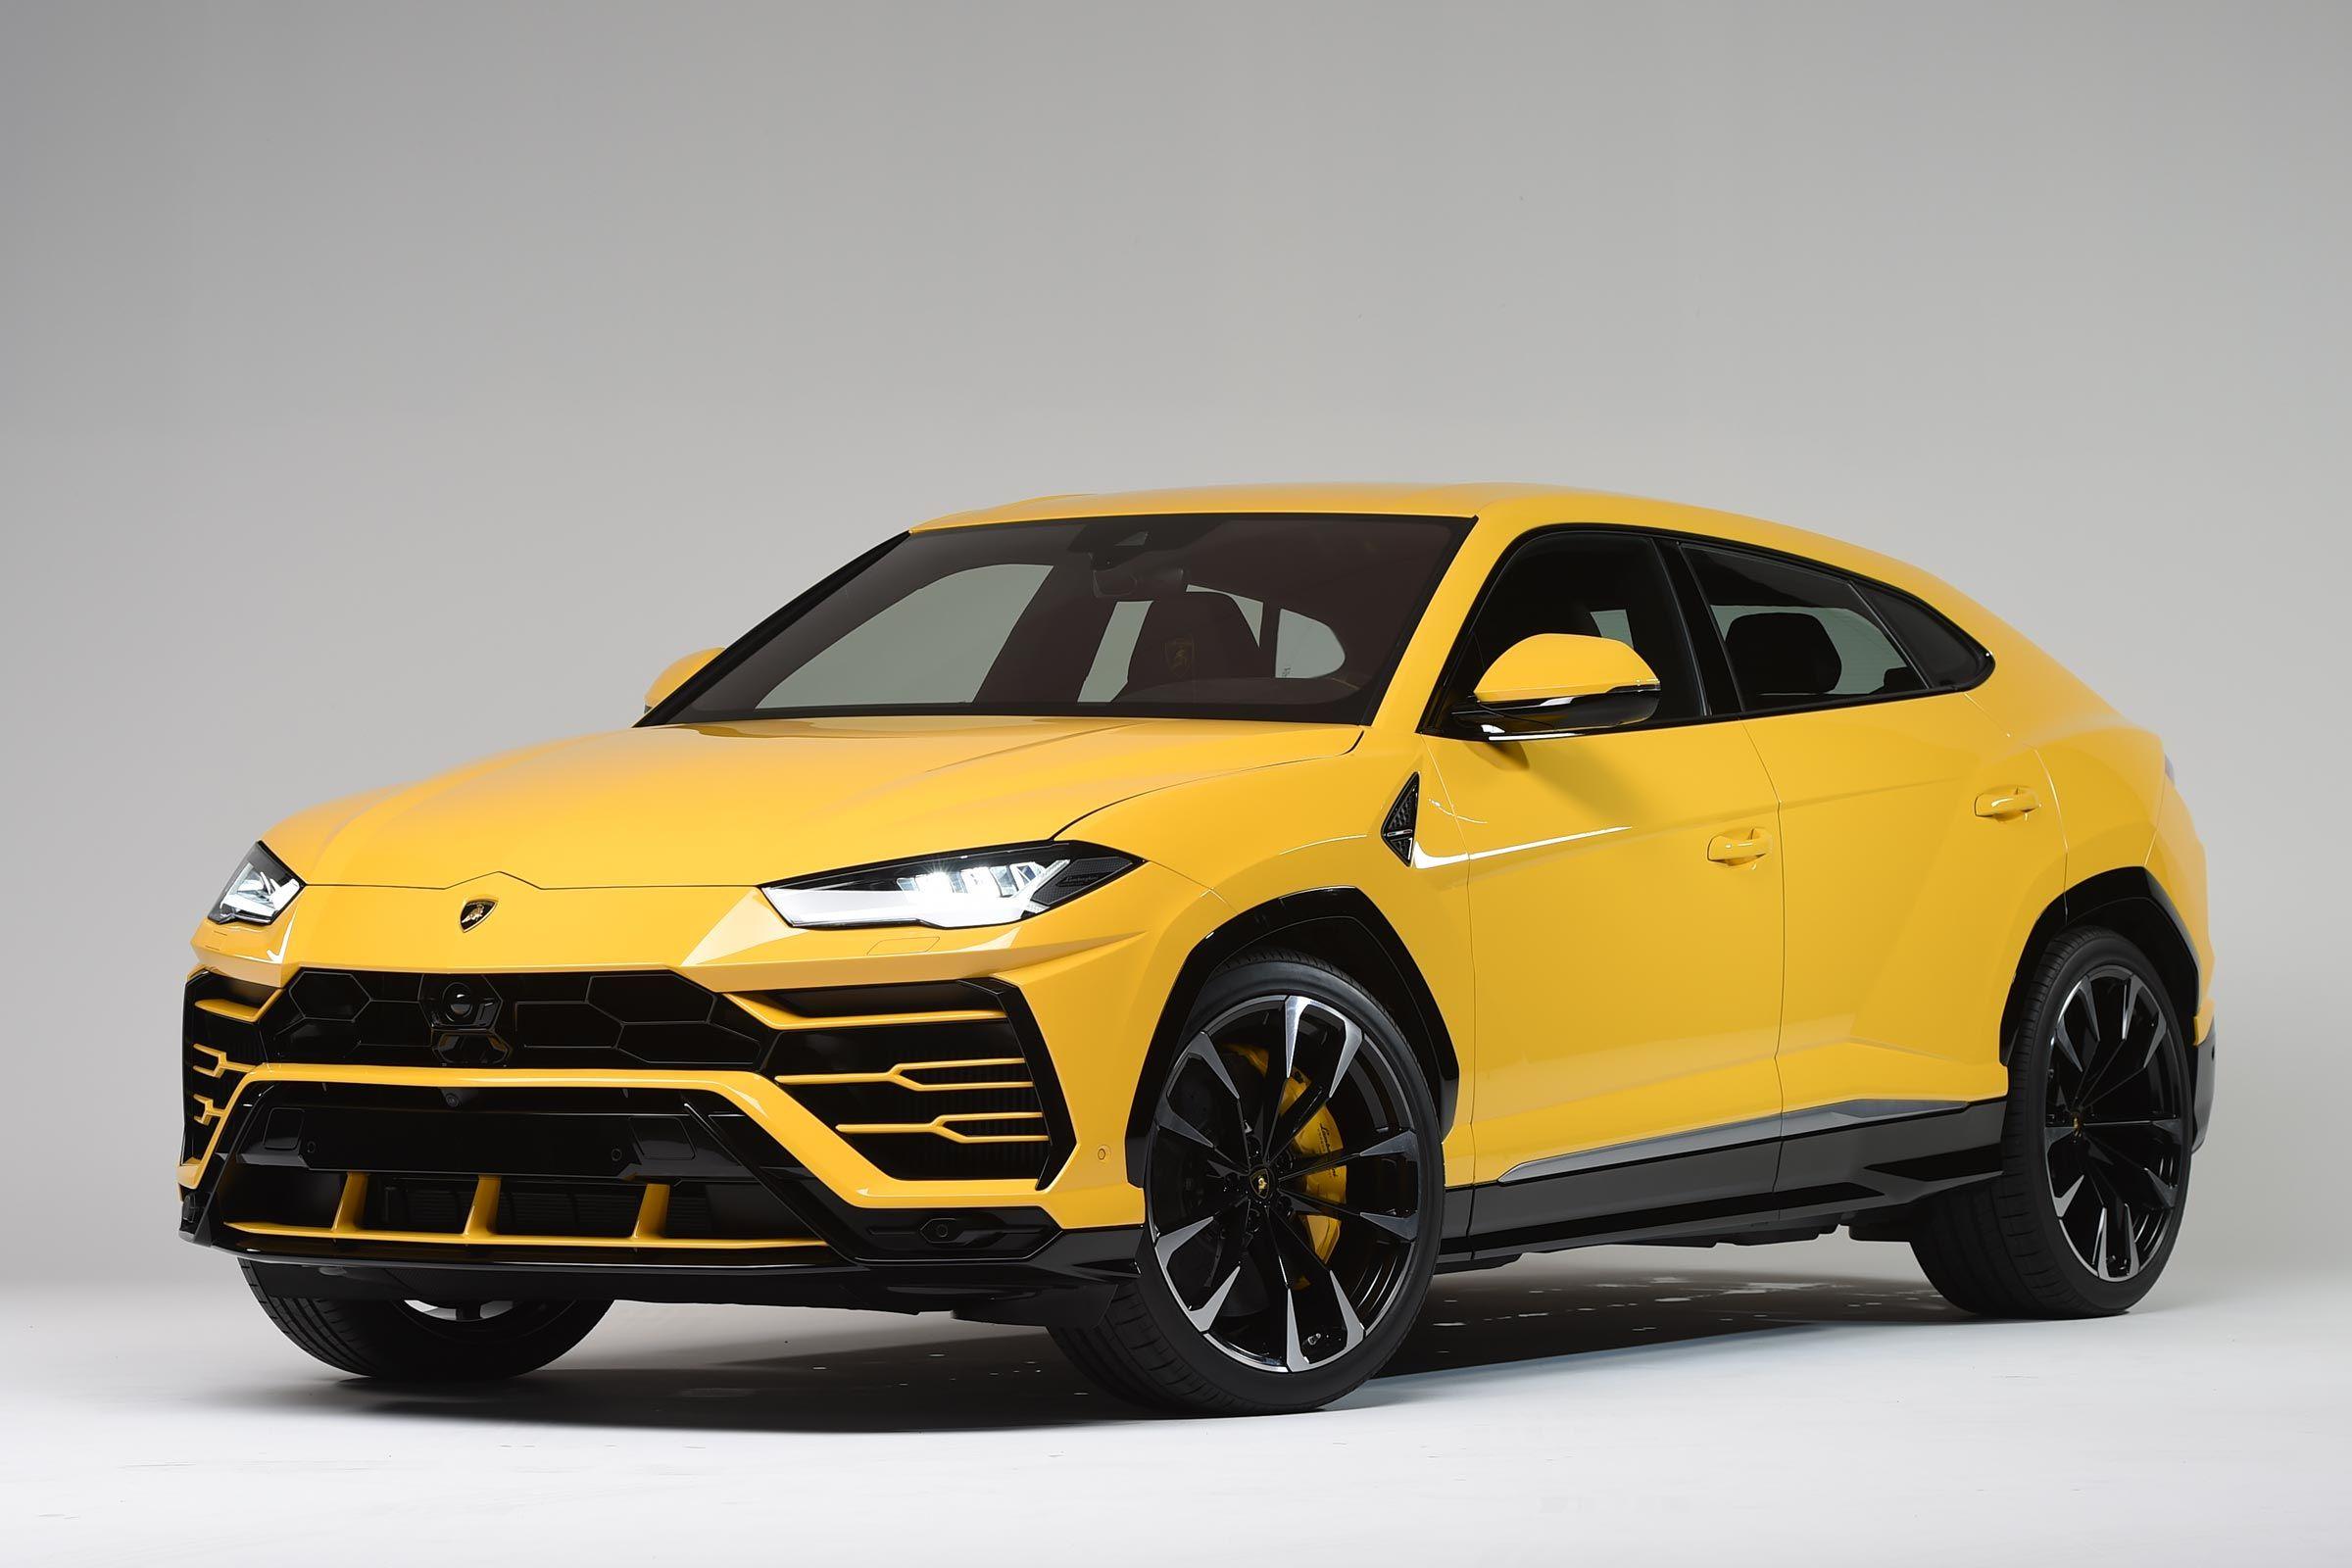 Lamborghini Car Stylecar Fastcar Upcomingcar Carparts